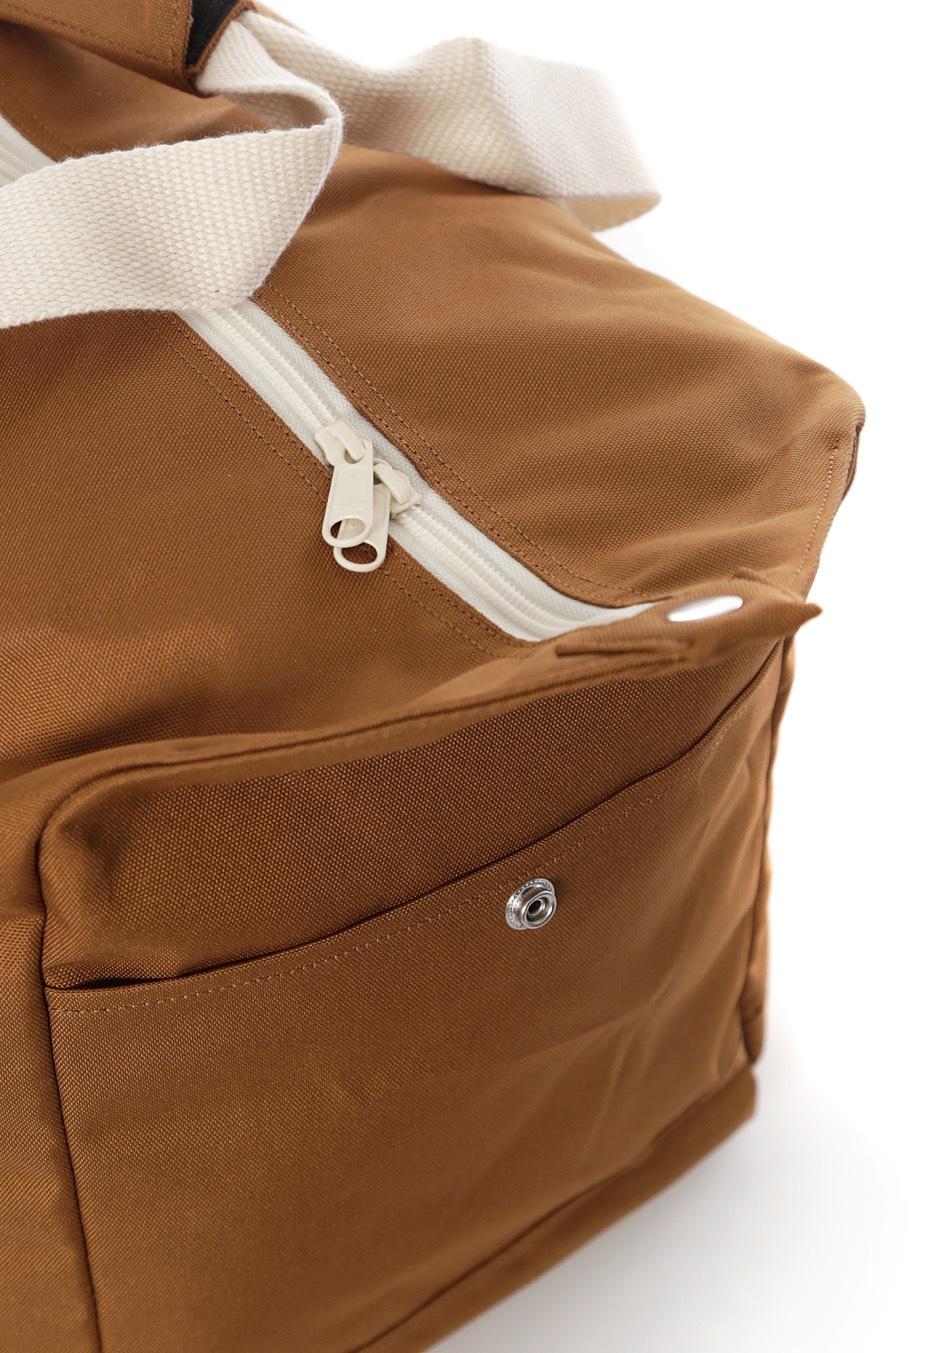 db1460879aa4 Carhartt WIP - Watch Sport Hamilton Brown - Taška - Streetwear ...